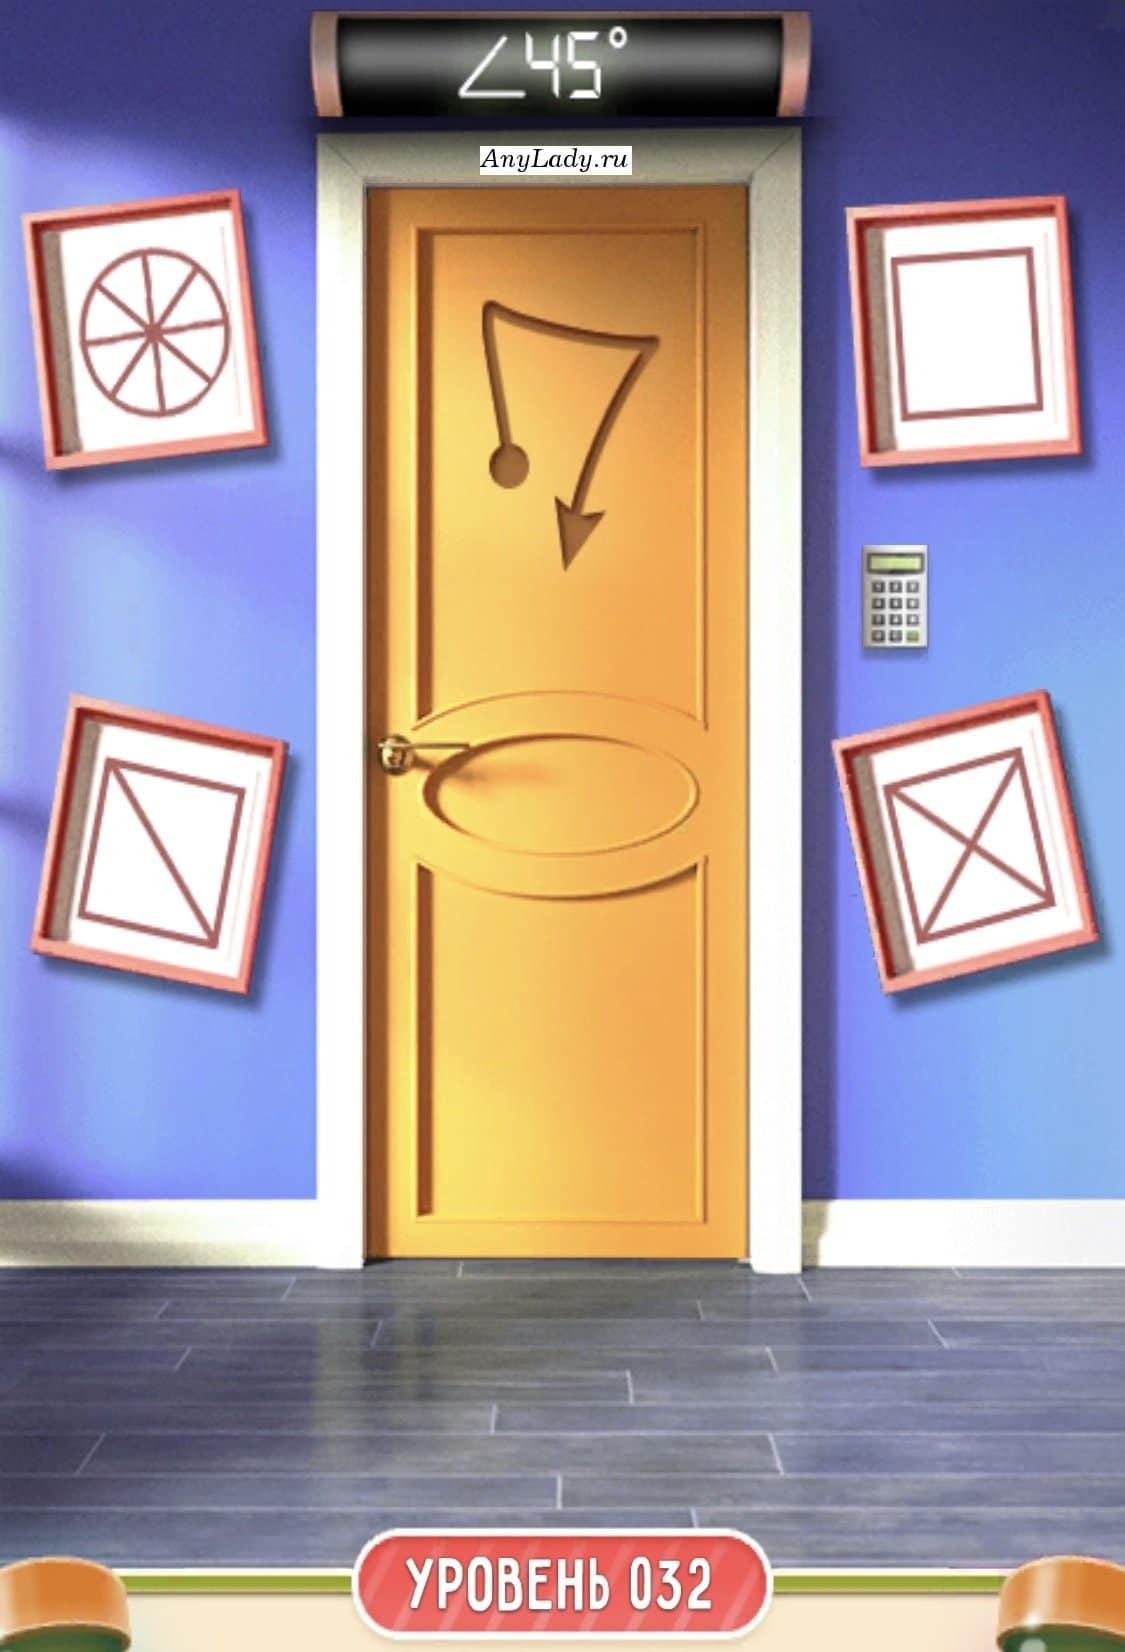 Узнать пароль можно посчитав количество углов в 45 градусов на каждой из фигур. Пароль: 4808